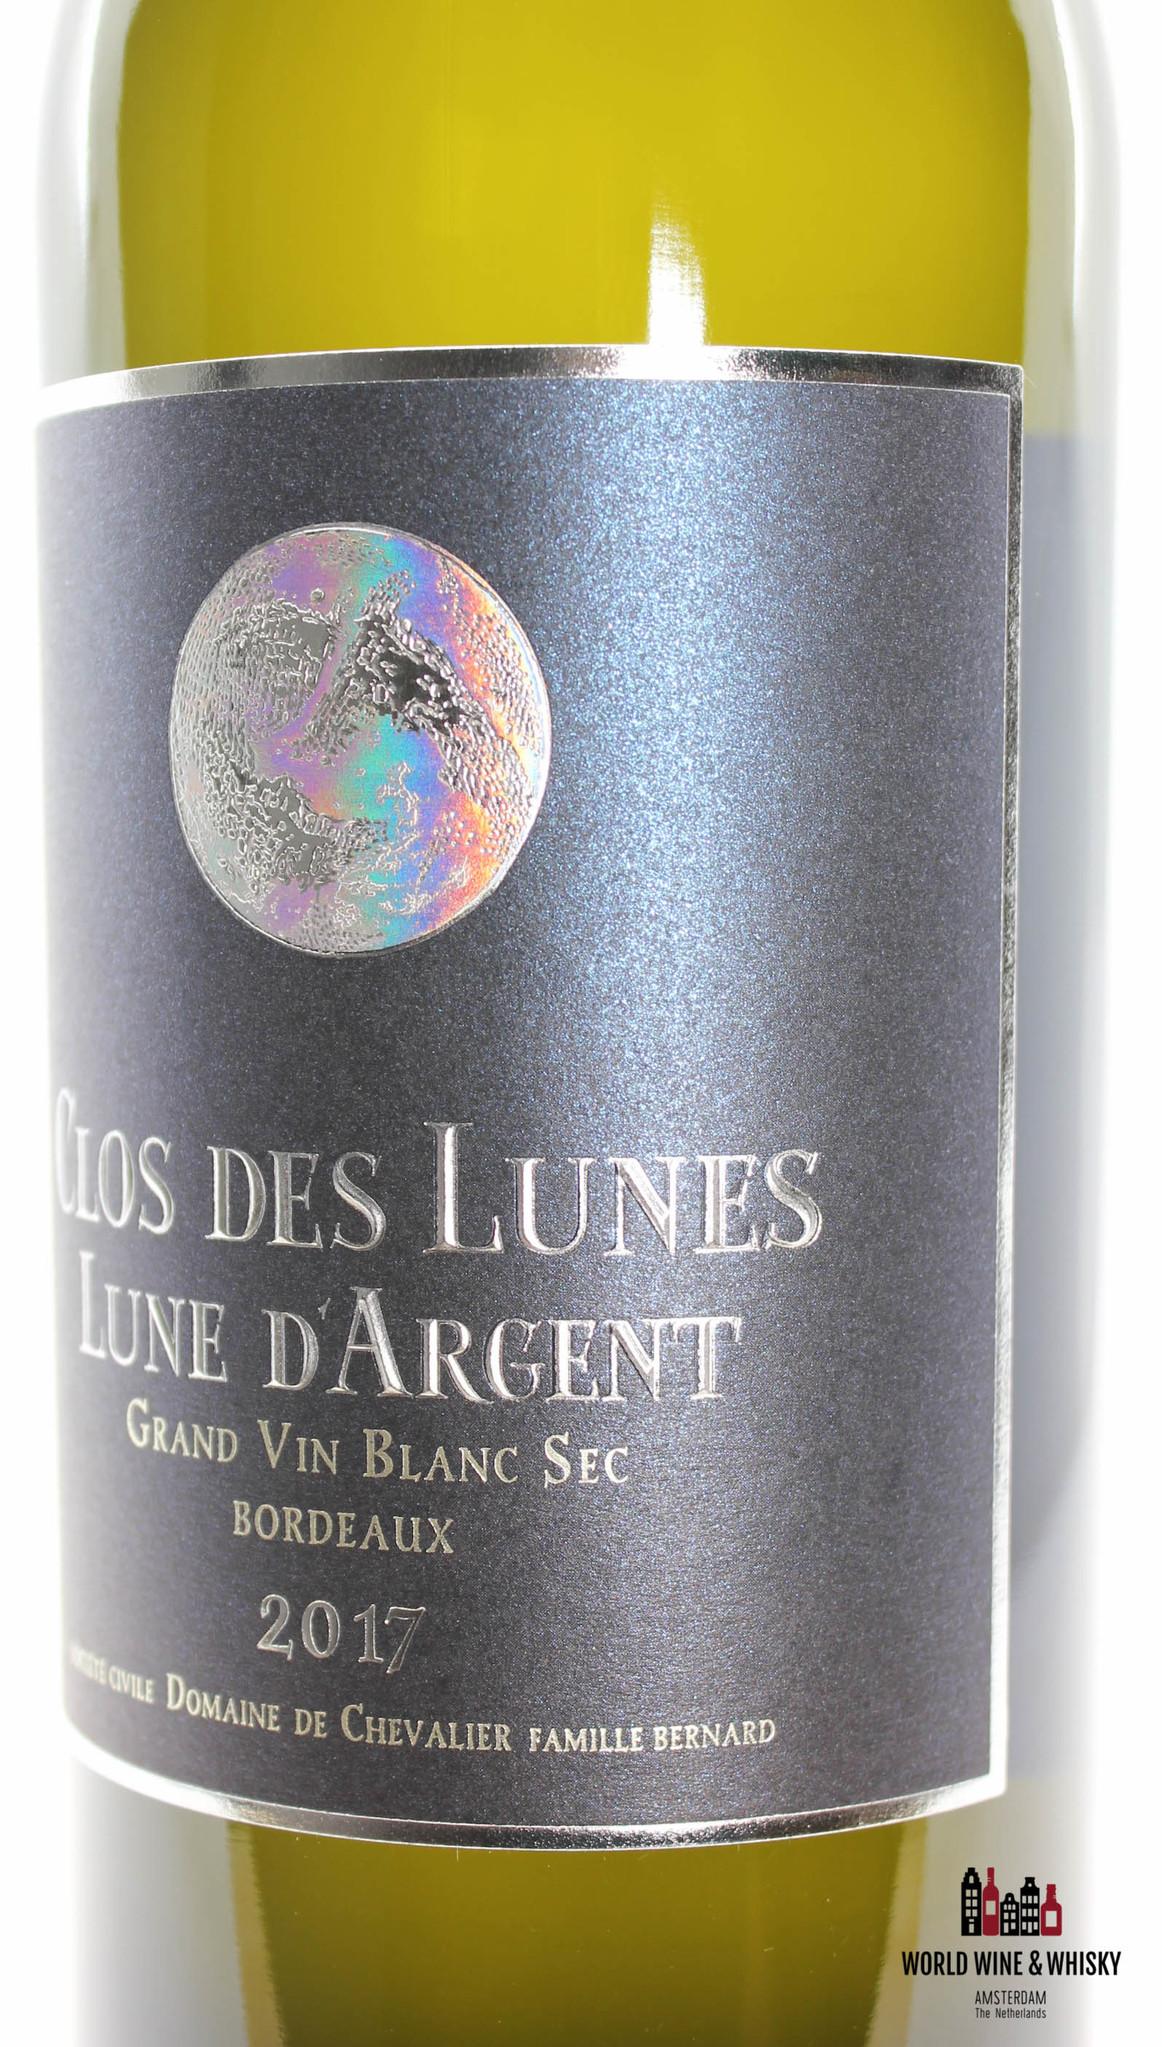 Clos des Lunes Clos des Lunes - Lune d'Argent 2017 Grand Vin Blanc Sec (Bordeaux)